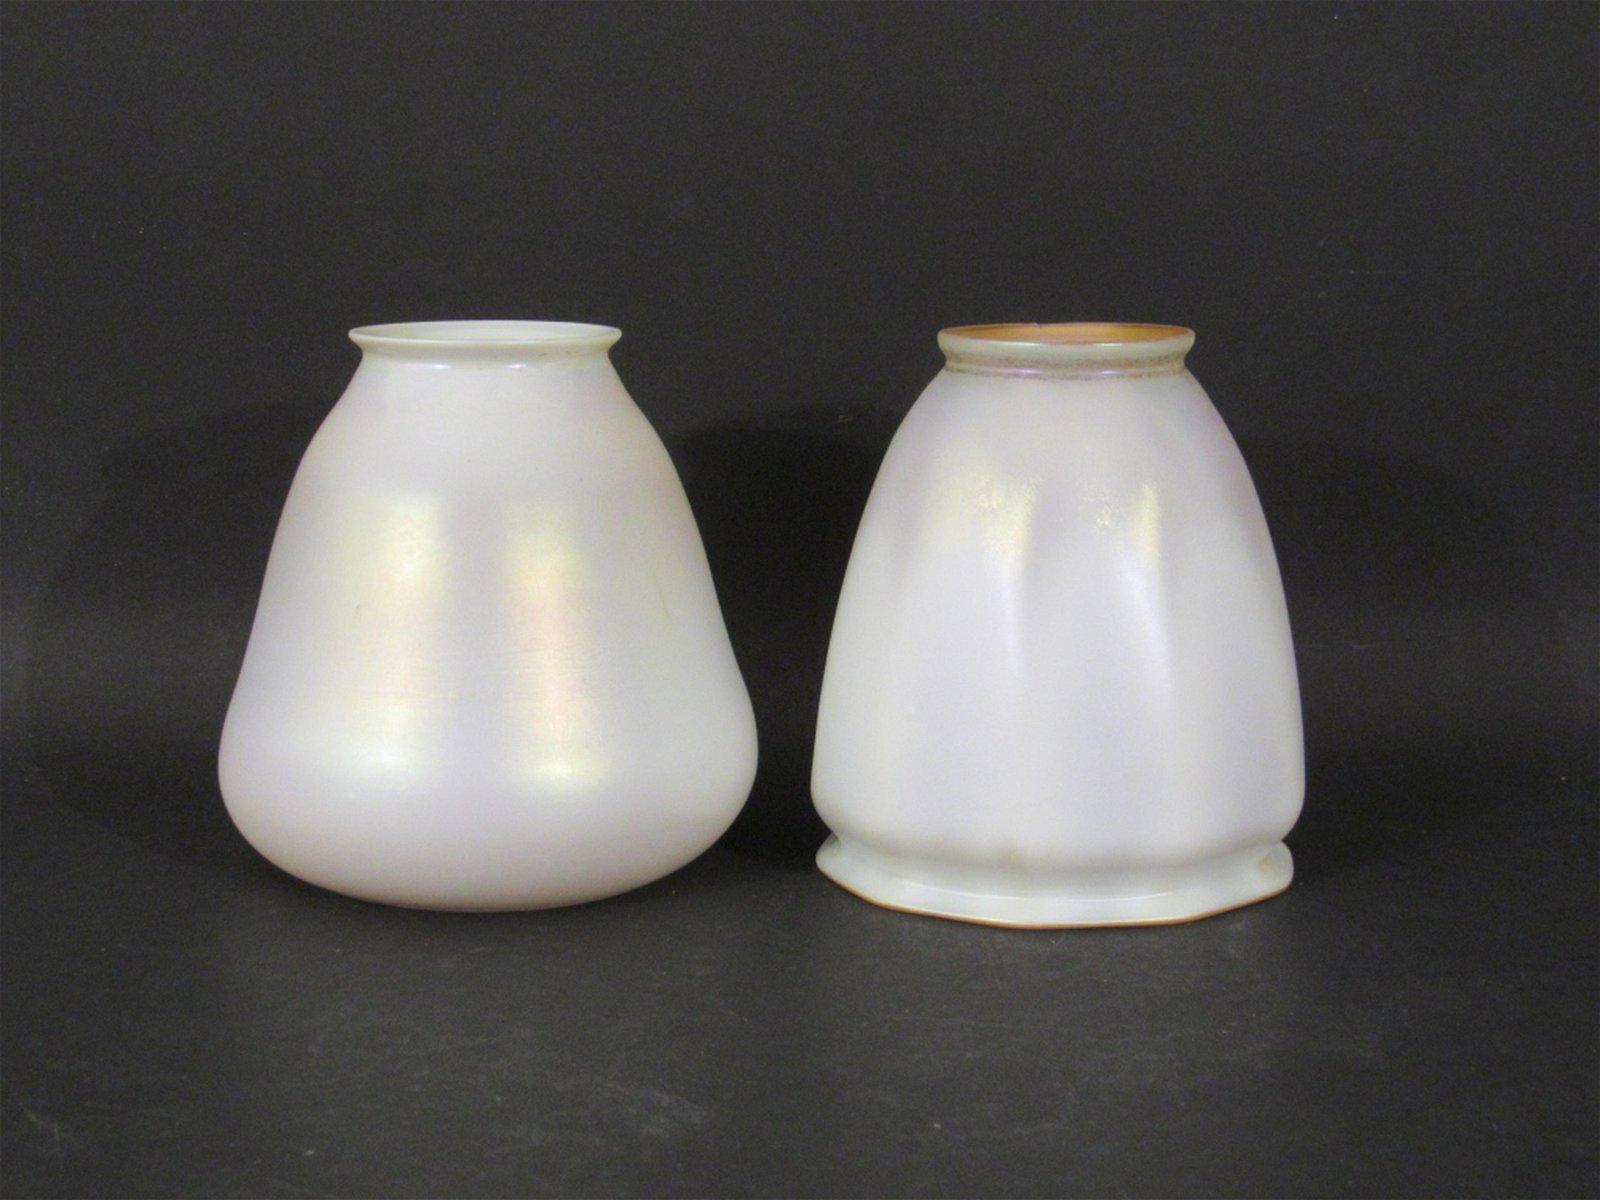 2 Quezal Art Glass Shades